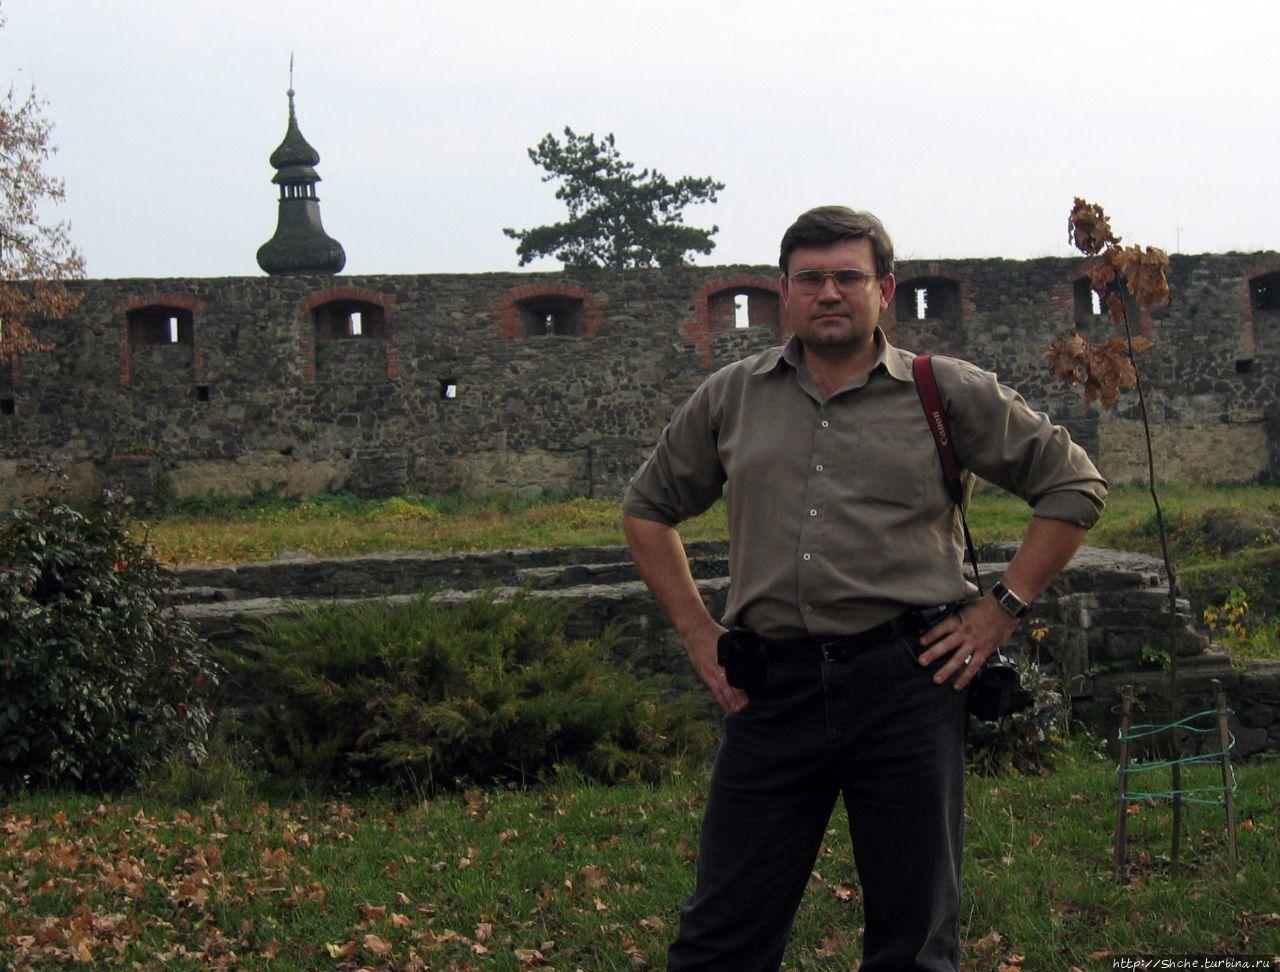 Листая старые альбомы... Город на Уже Ужгород, Украина